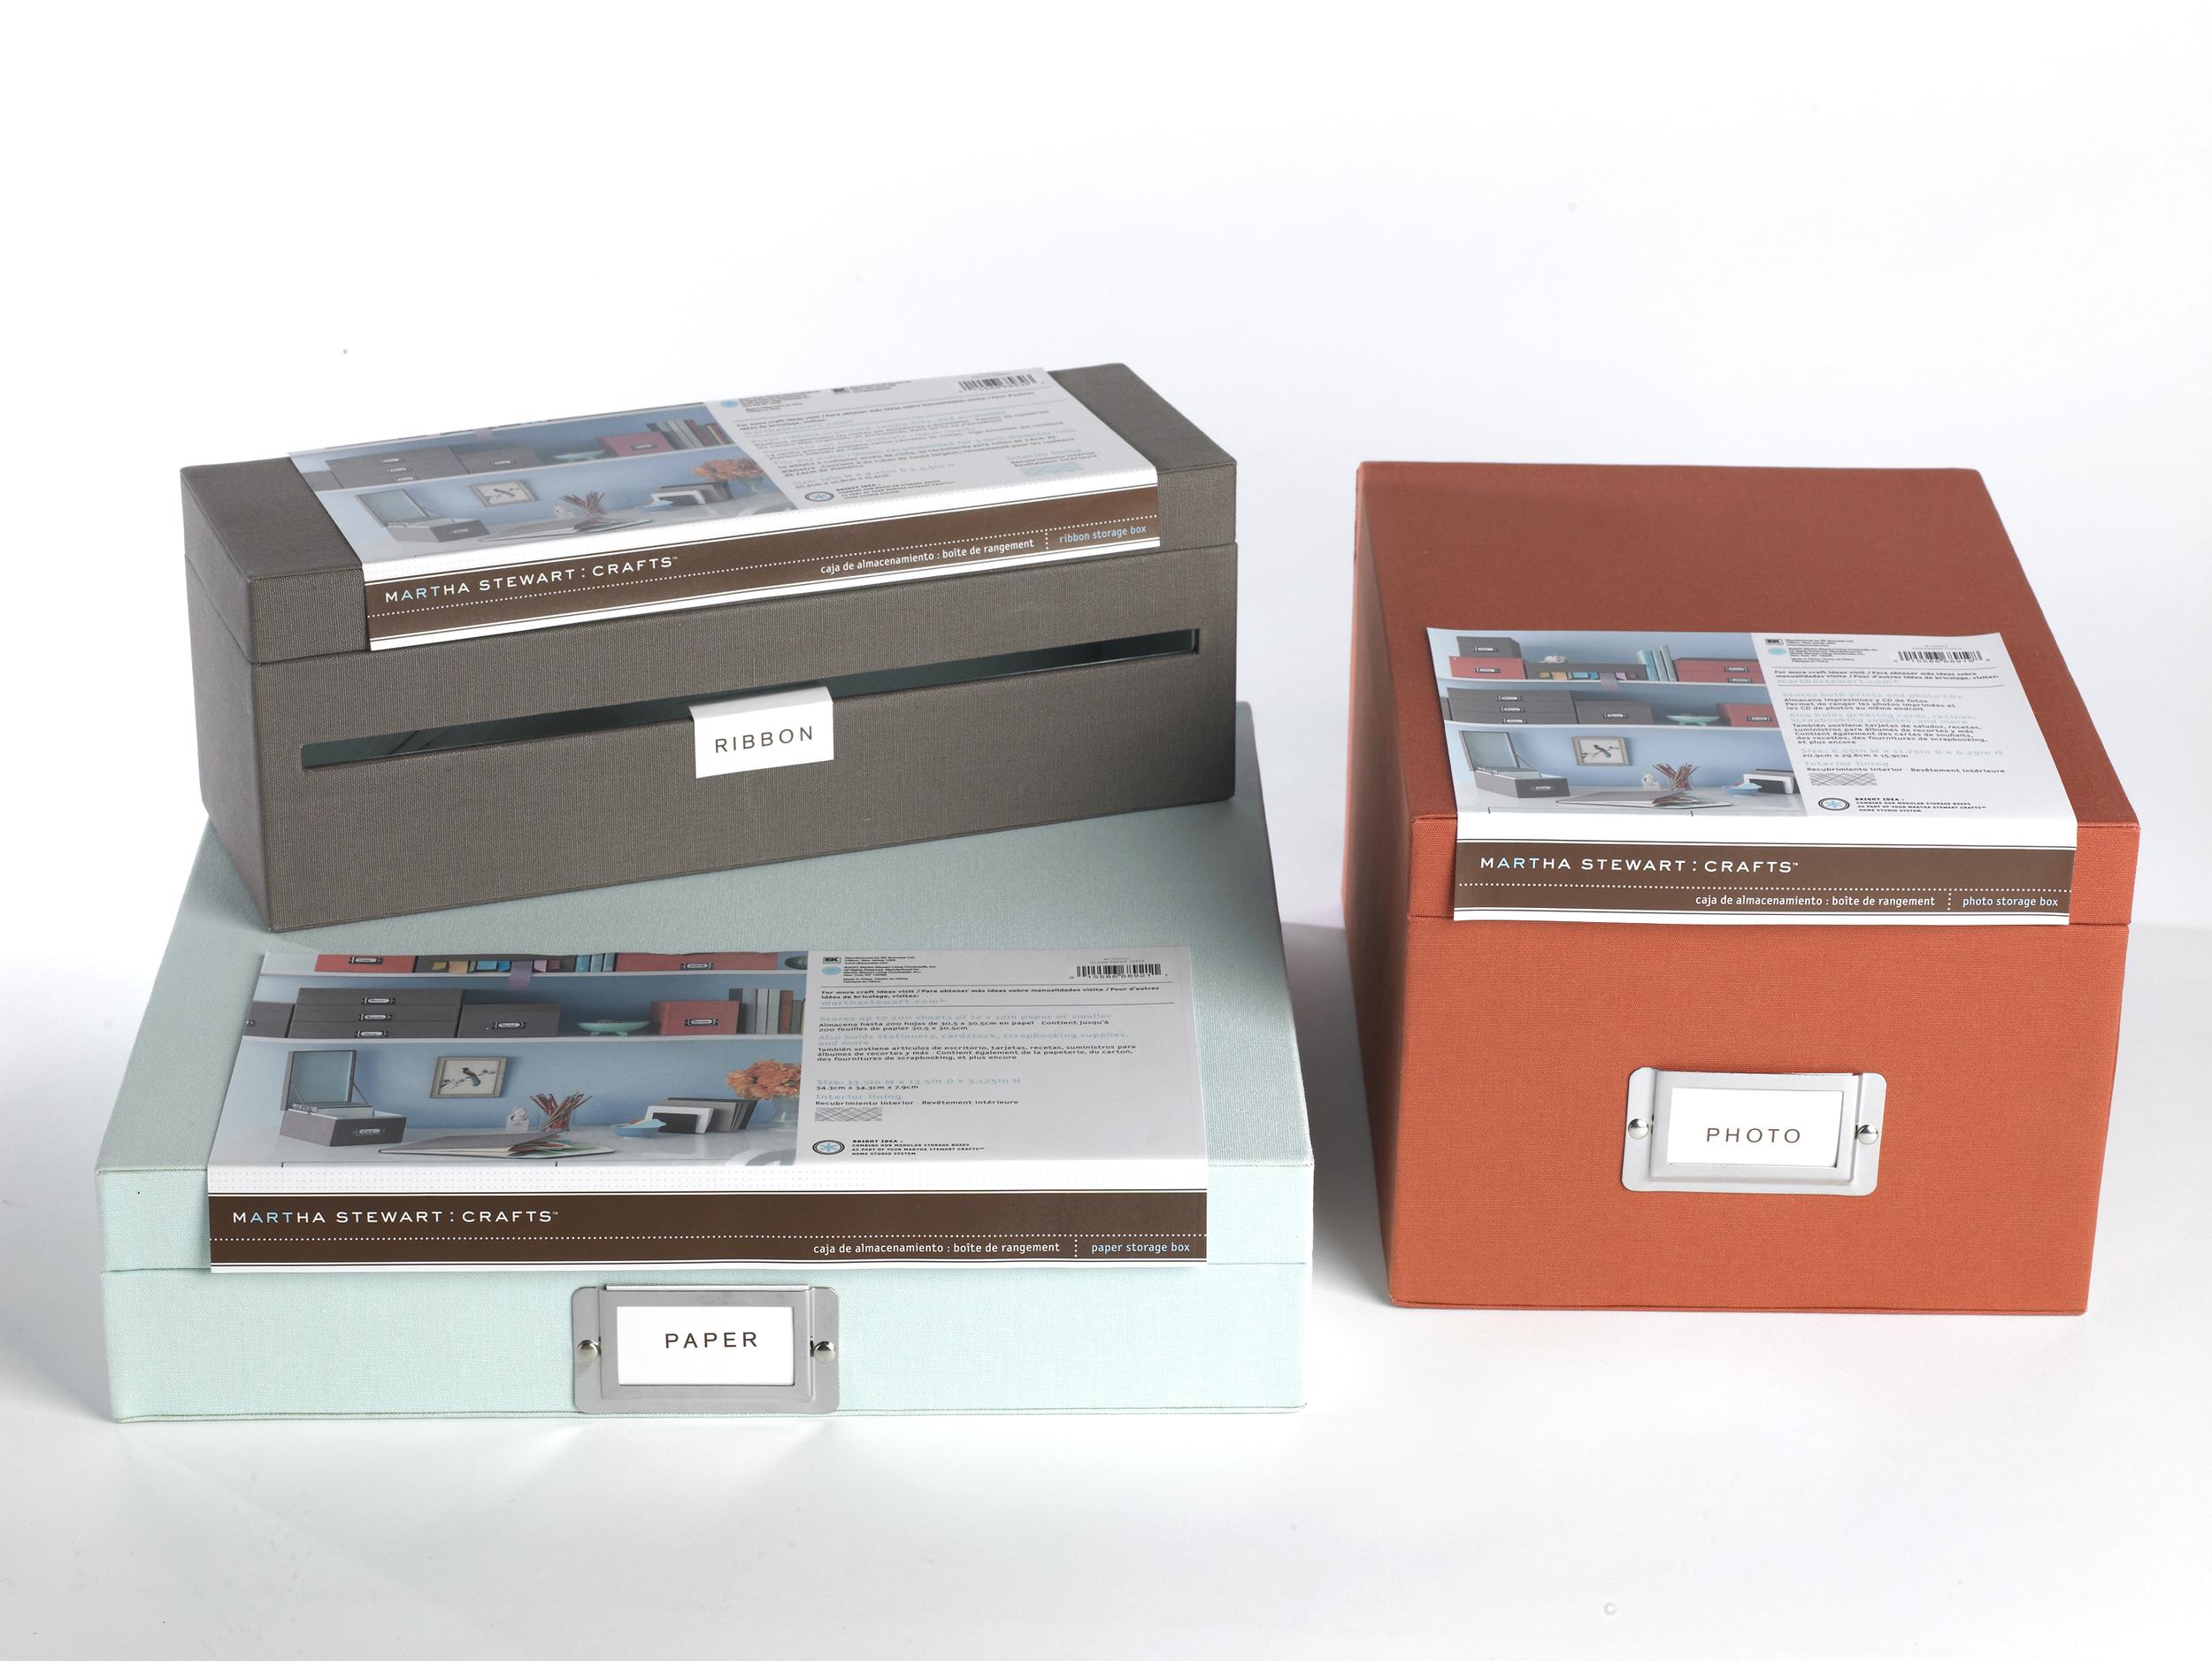 crafts_storage-boxes.jpg